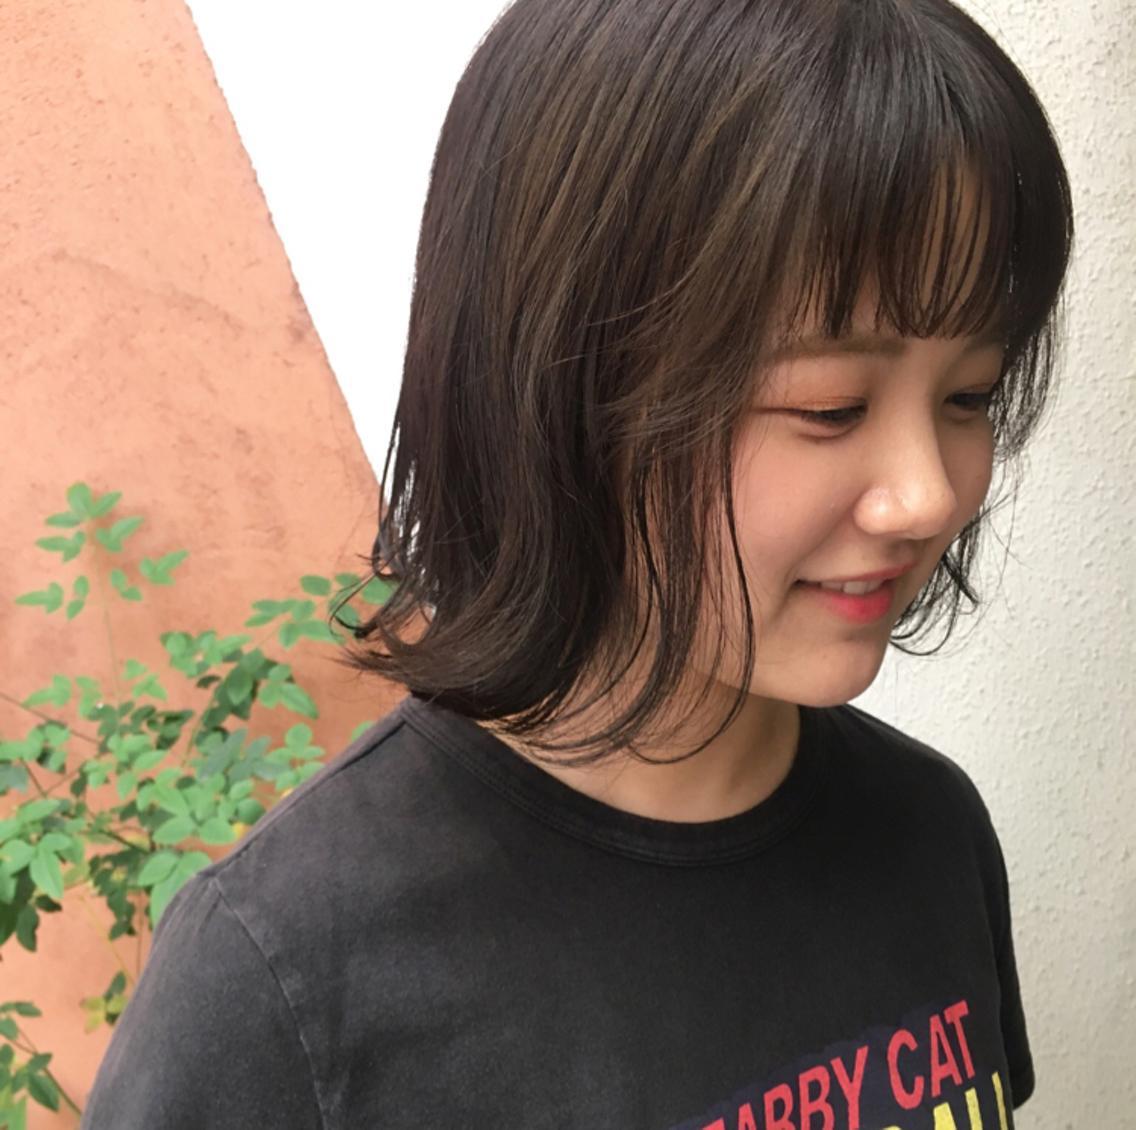 【学生専門サロン】学生さんをオシャレにプロデュースします ** 小顔補正立体カットで骨格や髪質に合わせて、小顔に **